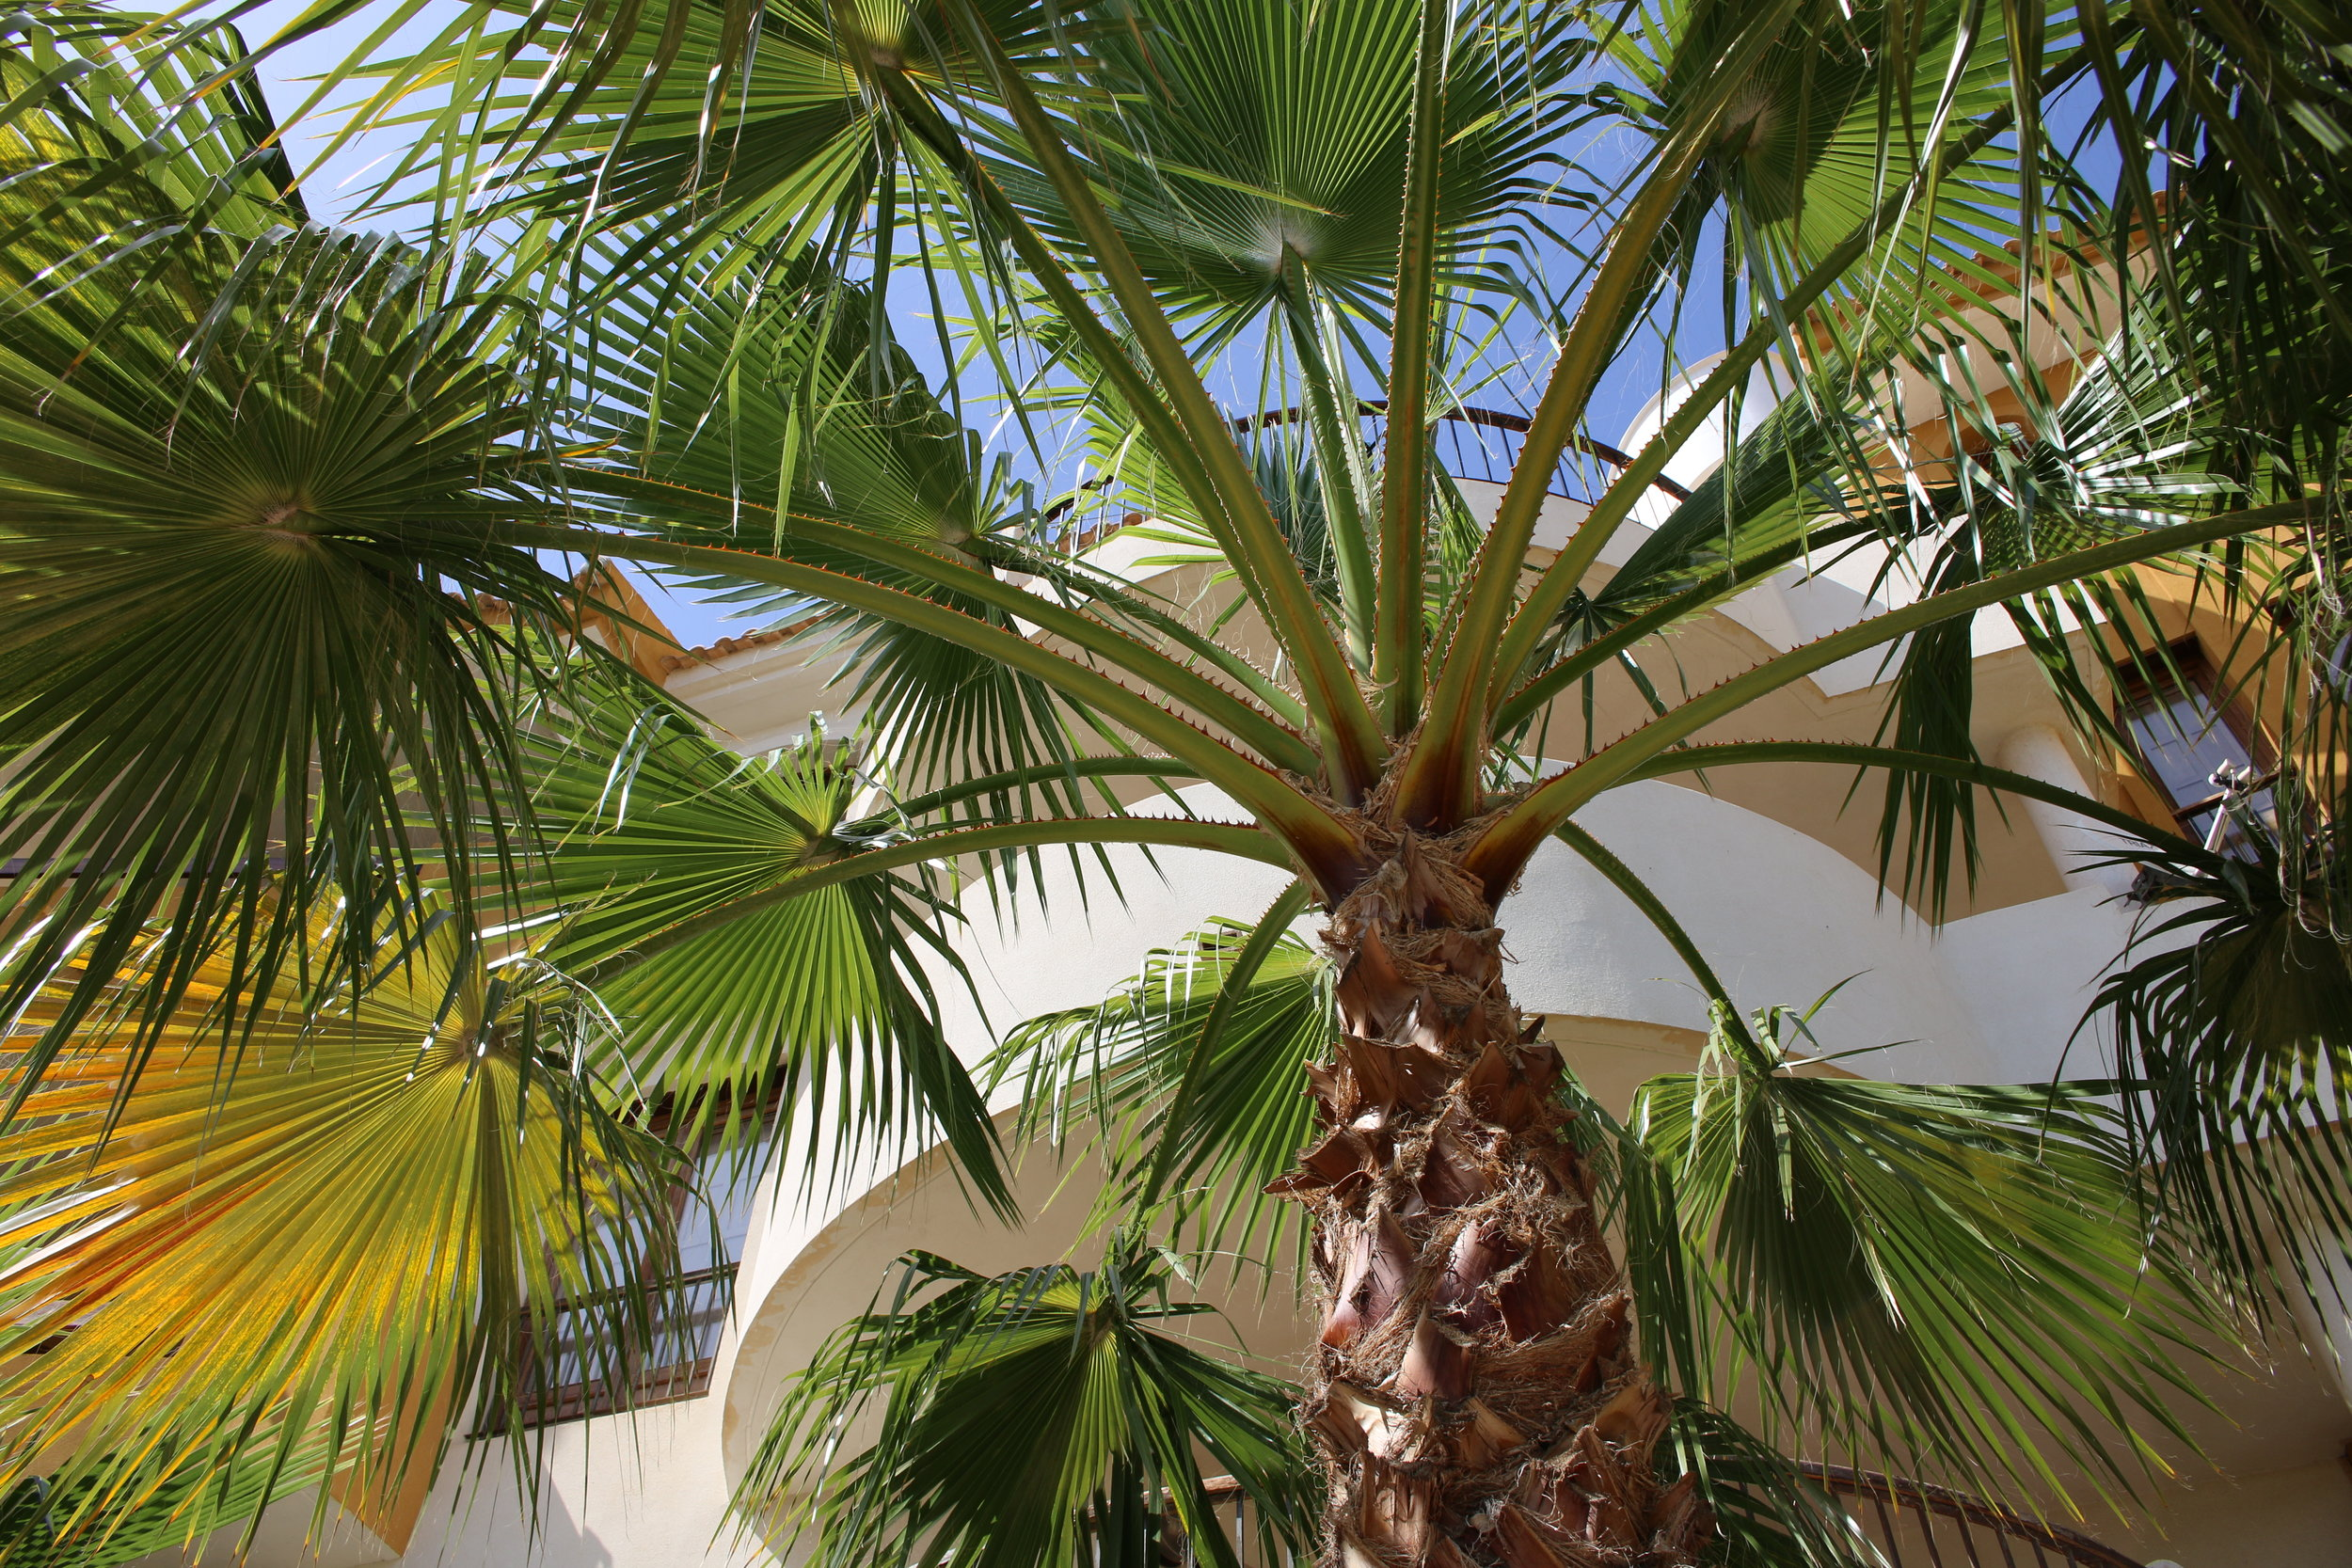 Masser af forskellige arter palmer og andre spændende planter i området.